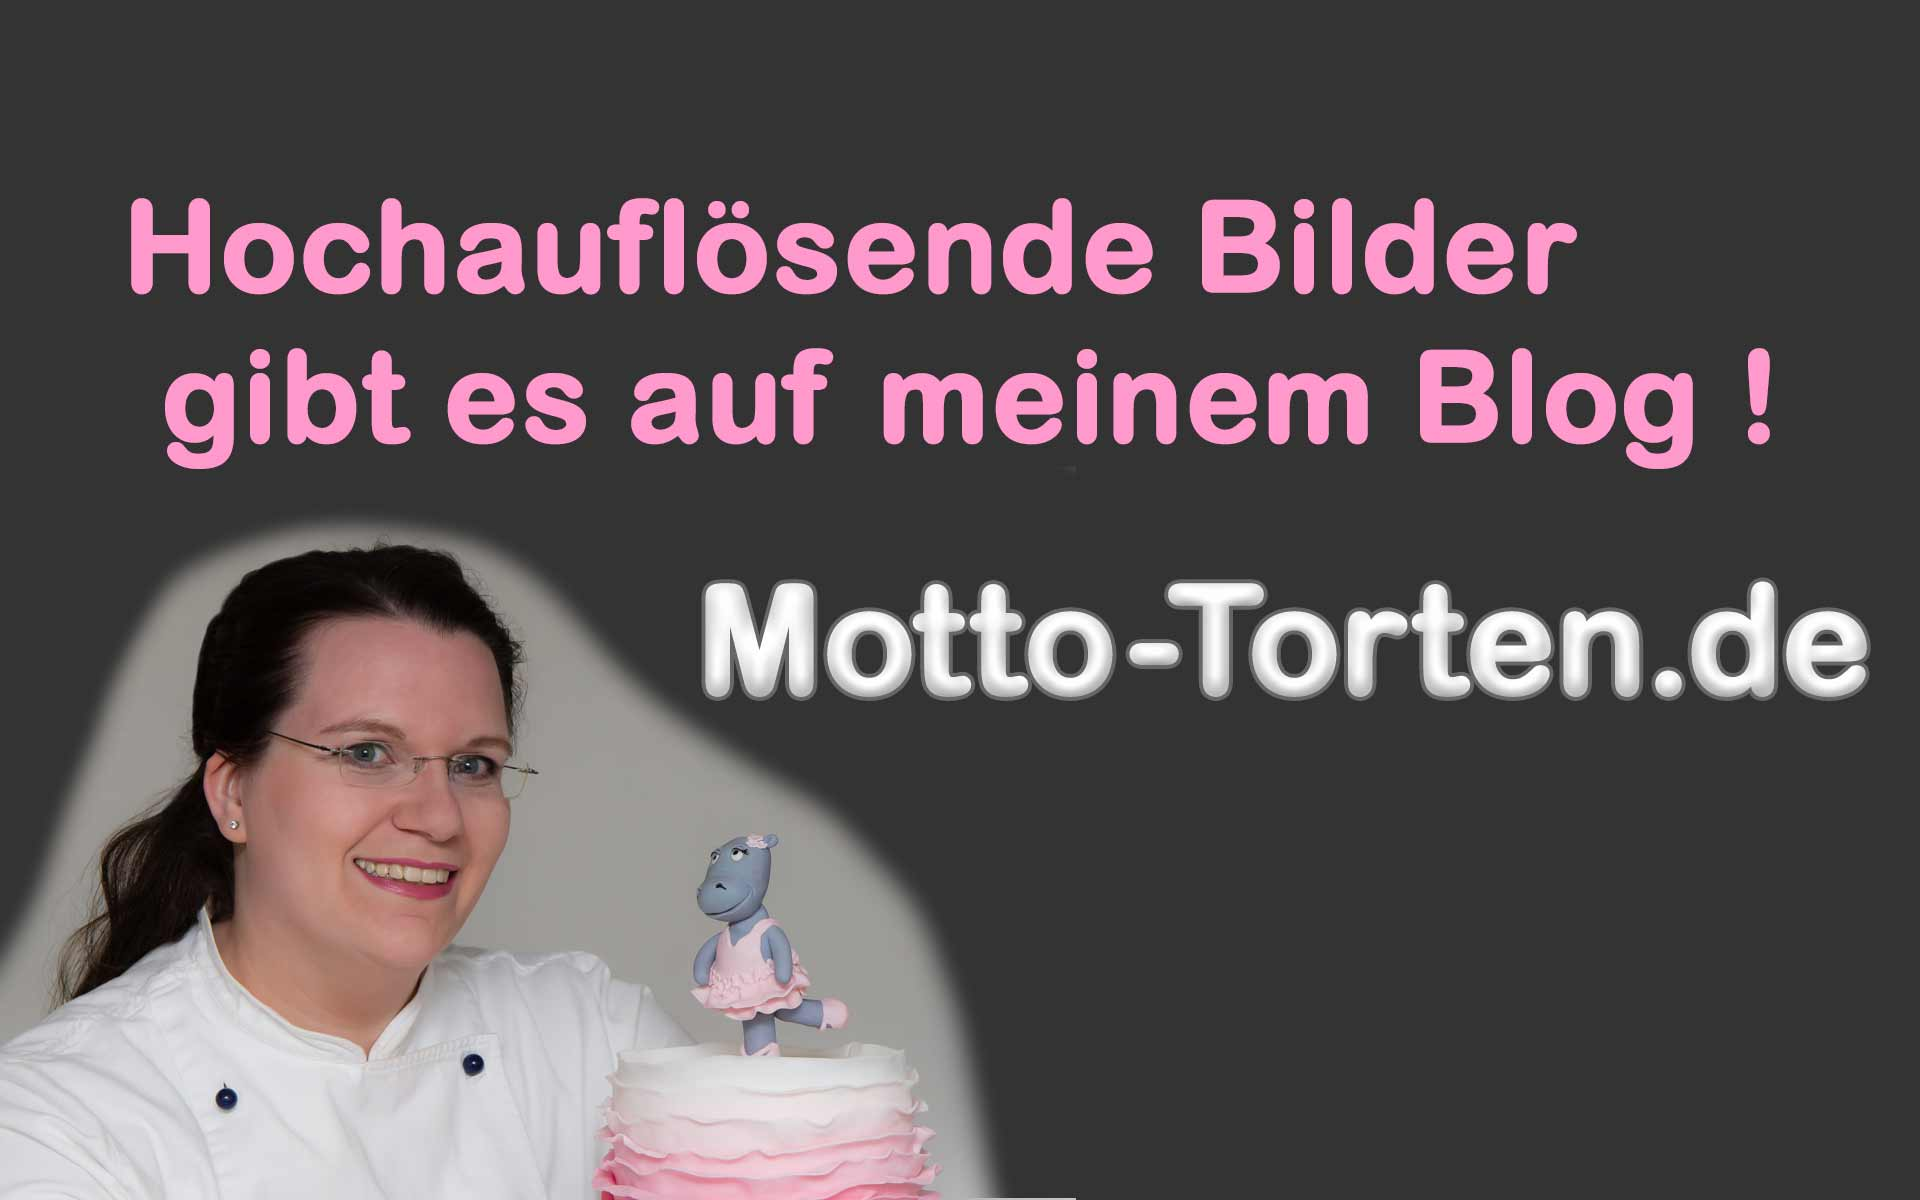 Tortenkurs in Riedstadt